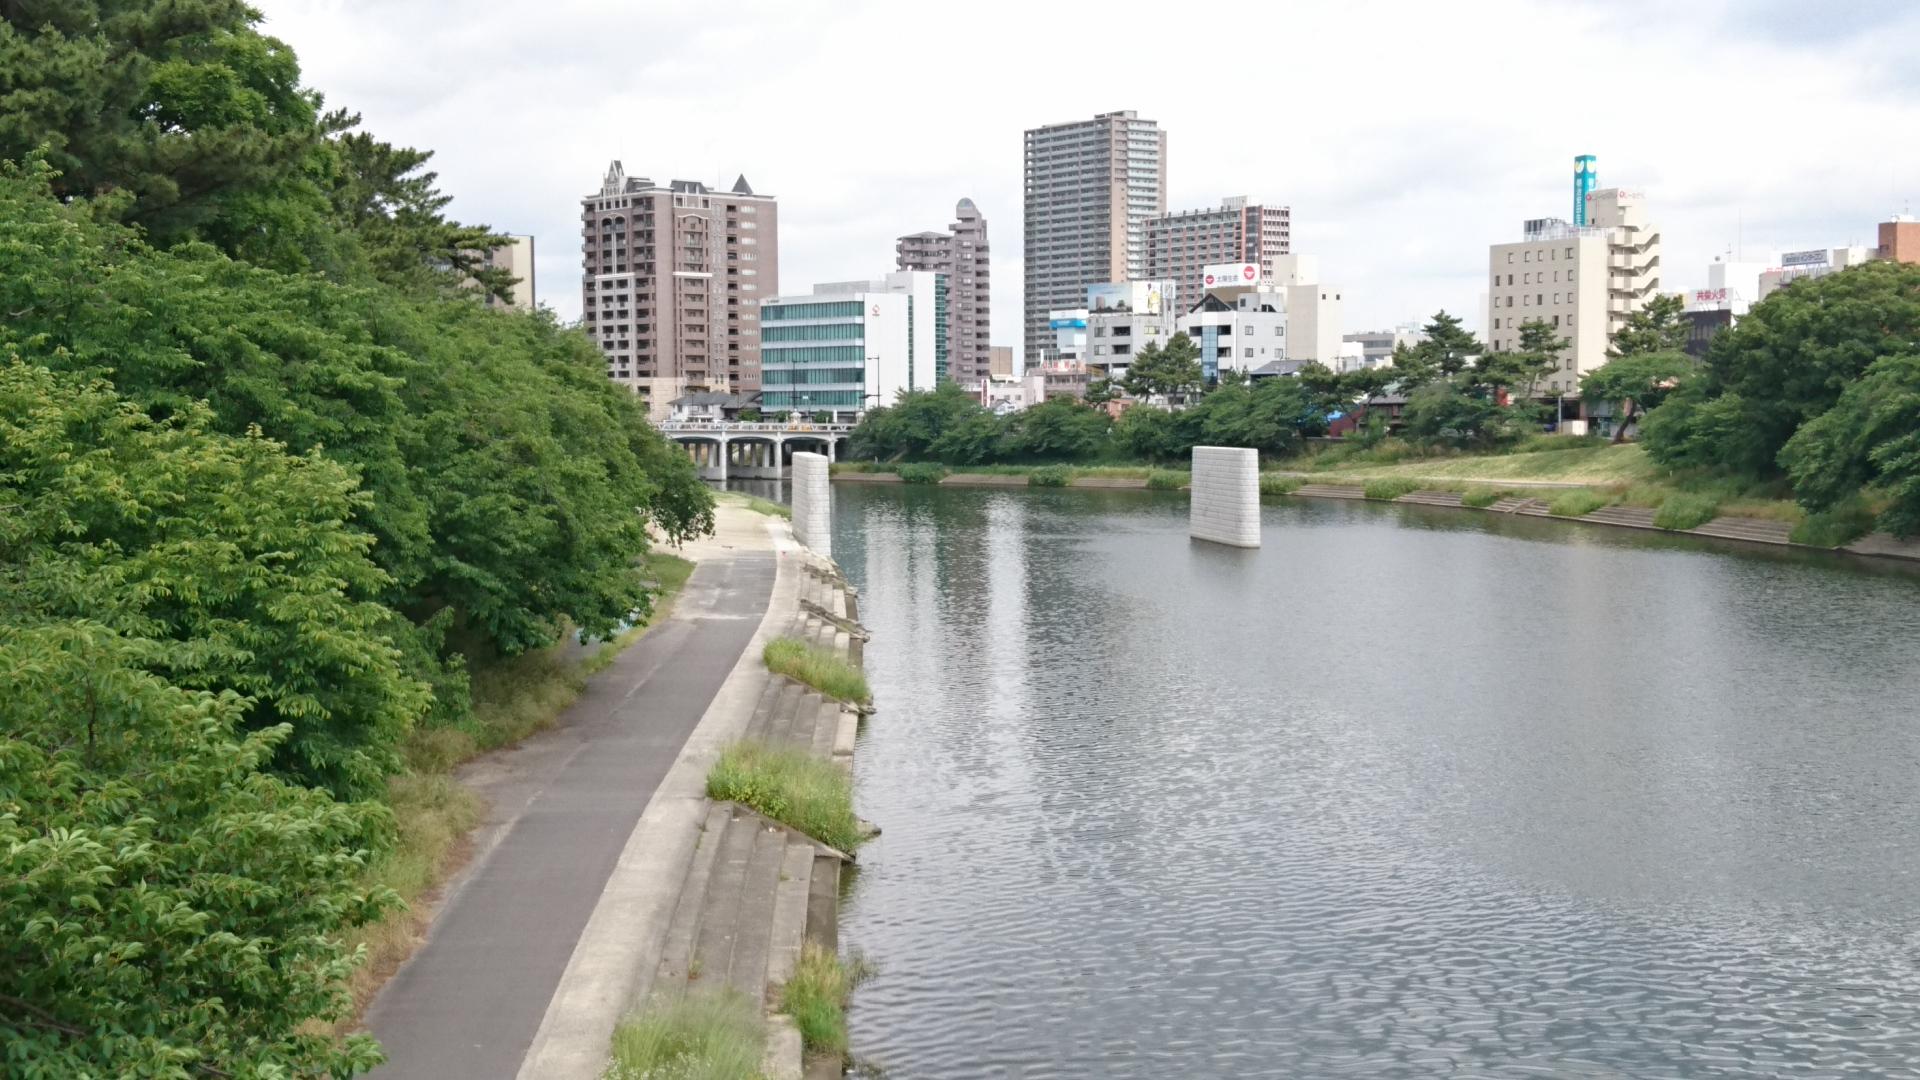 2017.6.6 乙川人道橋の橋脚 (1)